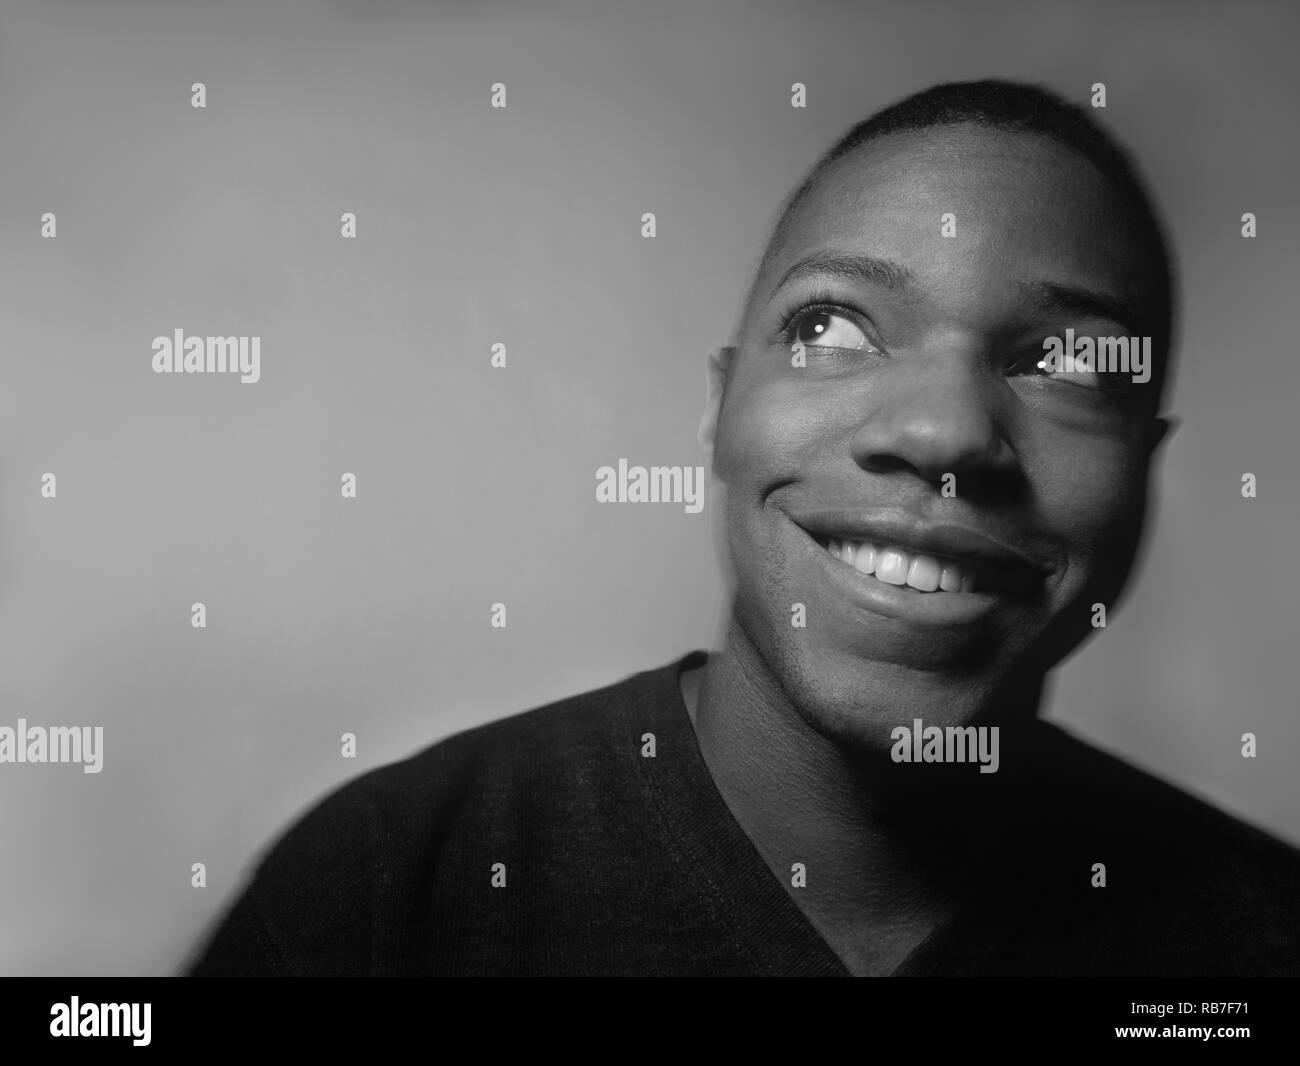 Schwarzer Mann lächelnd und Denken über etwas in seinem Geist und seinem Blick nach rechts Stockbild